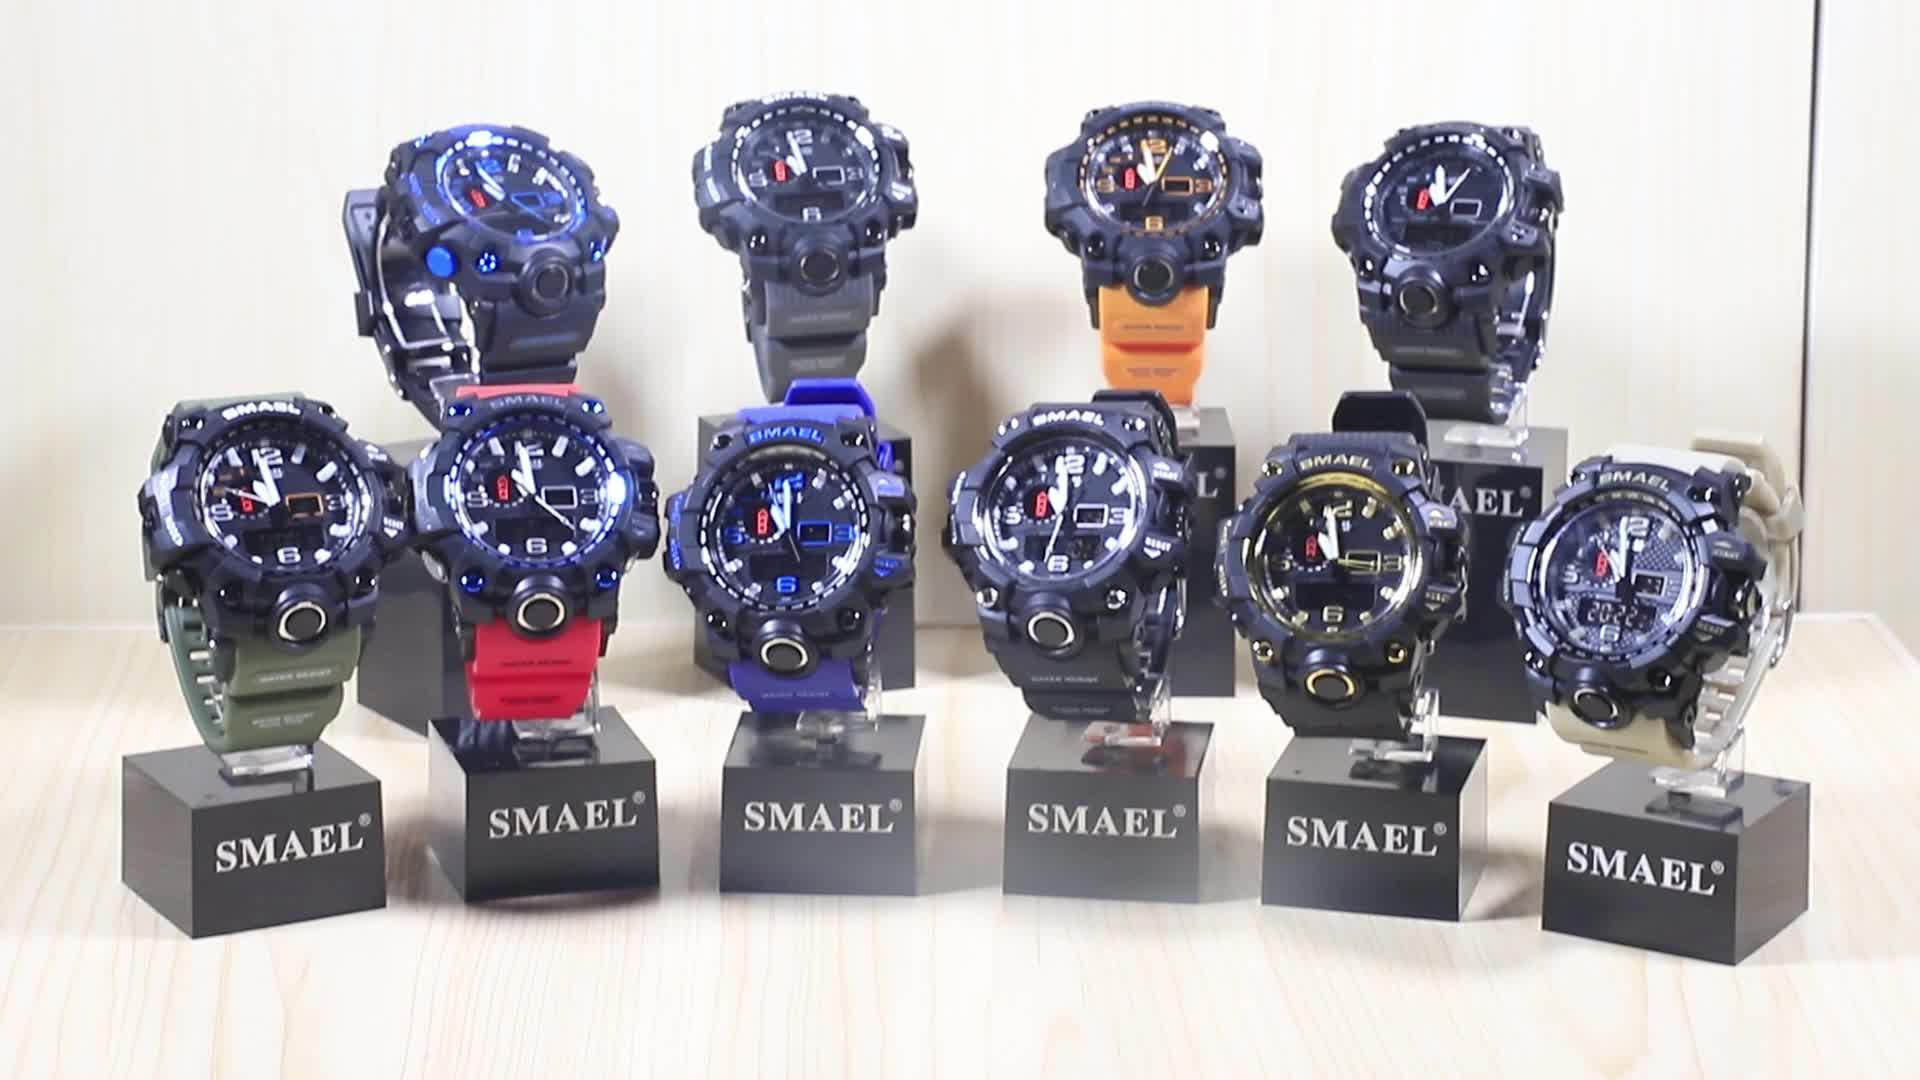 SMAEL クラシックモデル 1545 多機能防水メンズスポーツ腕時計